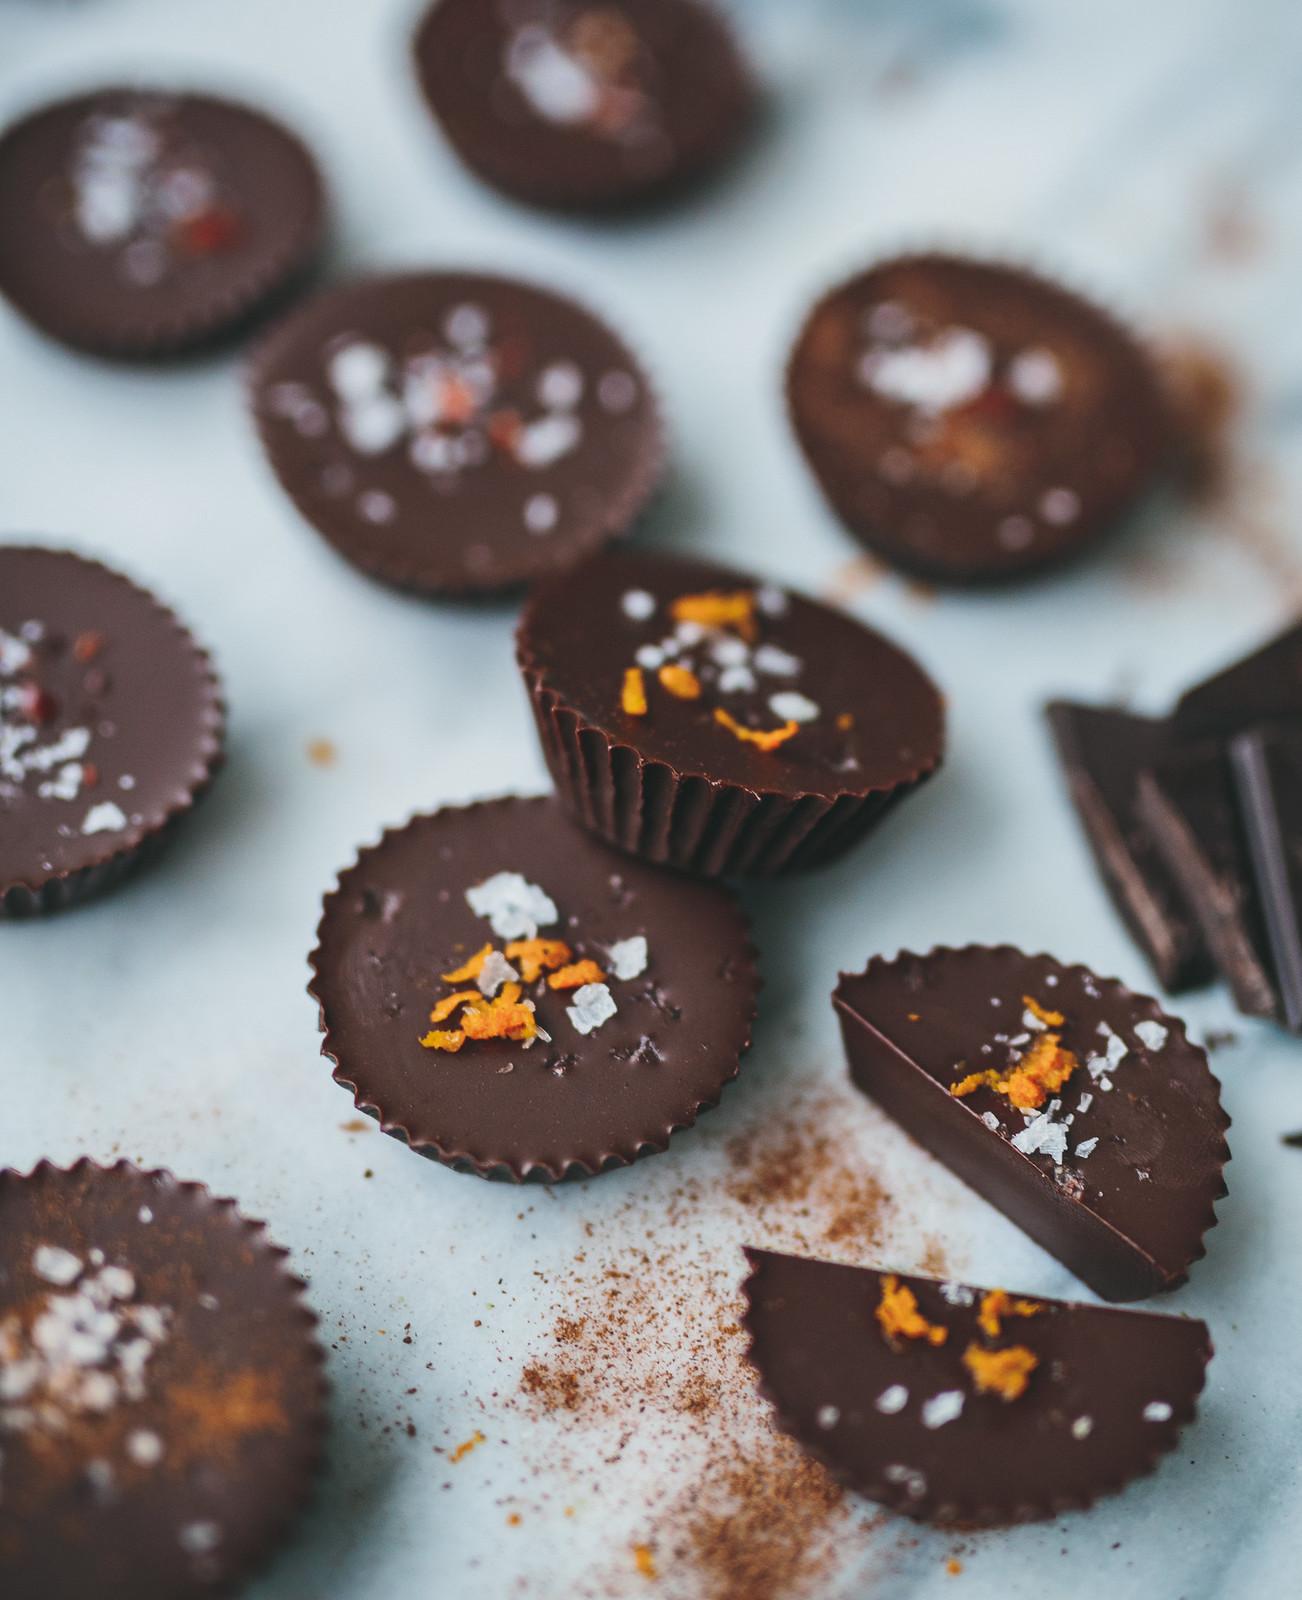 ischoklad på kokosolja och mörk choklad - karinevelina.se